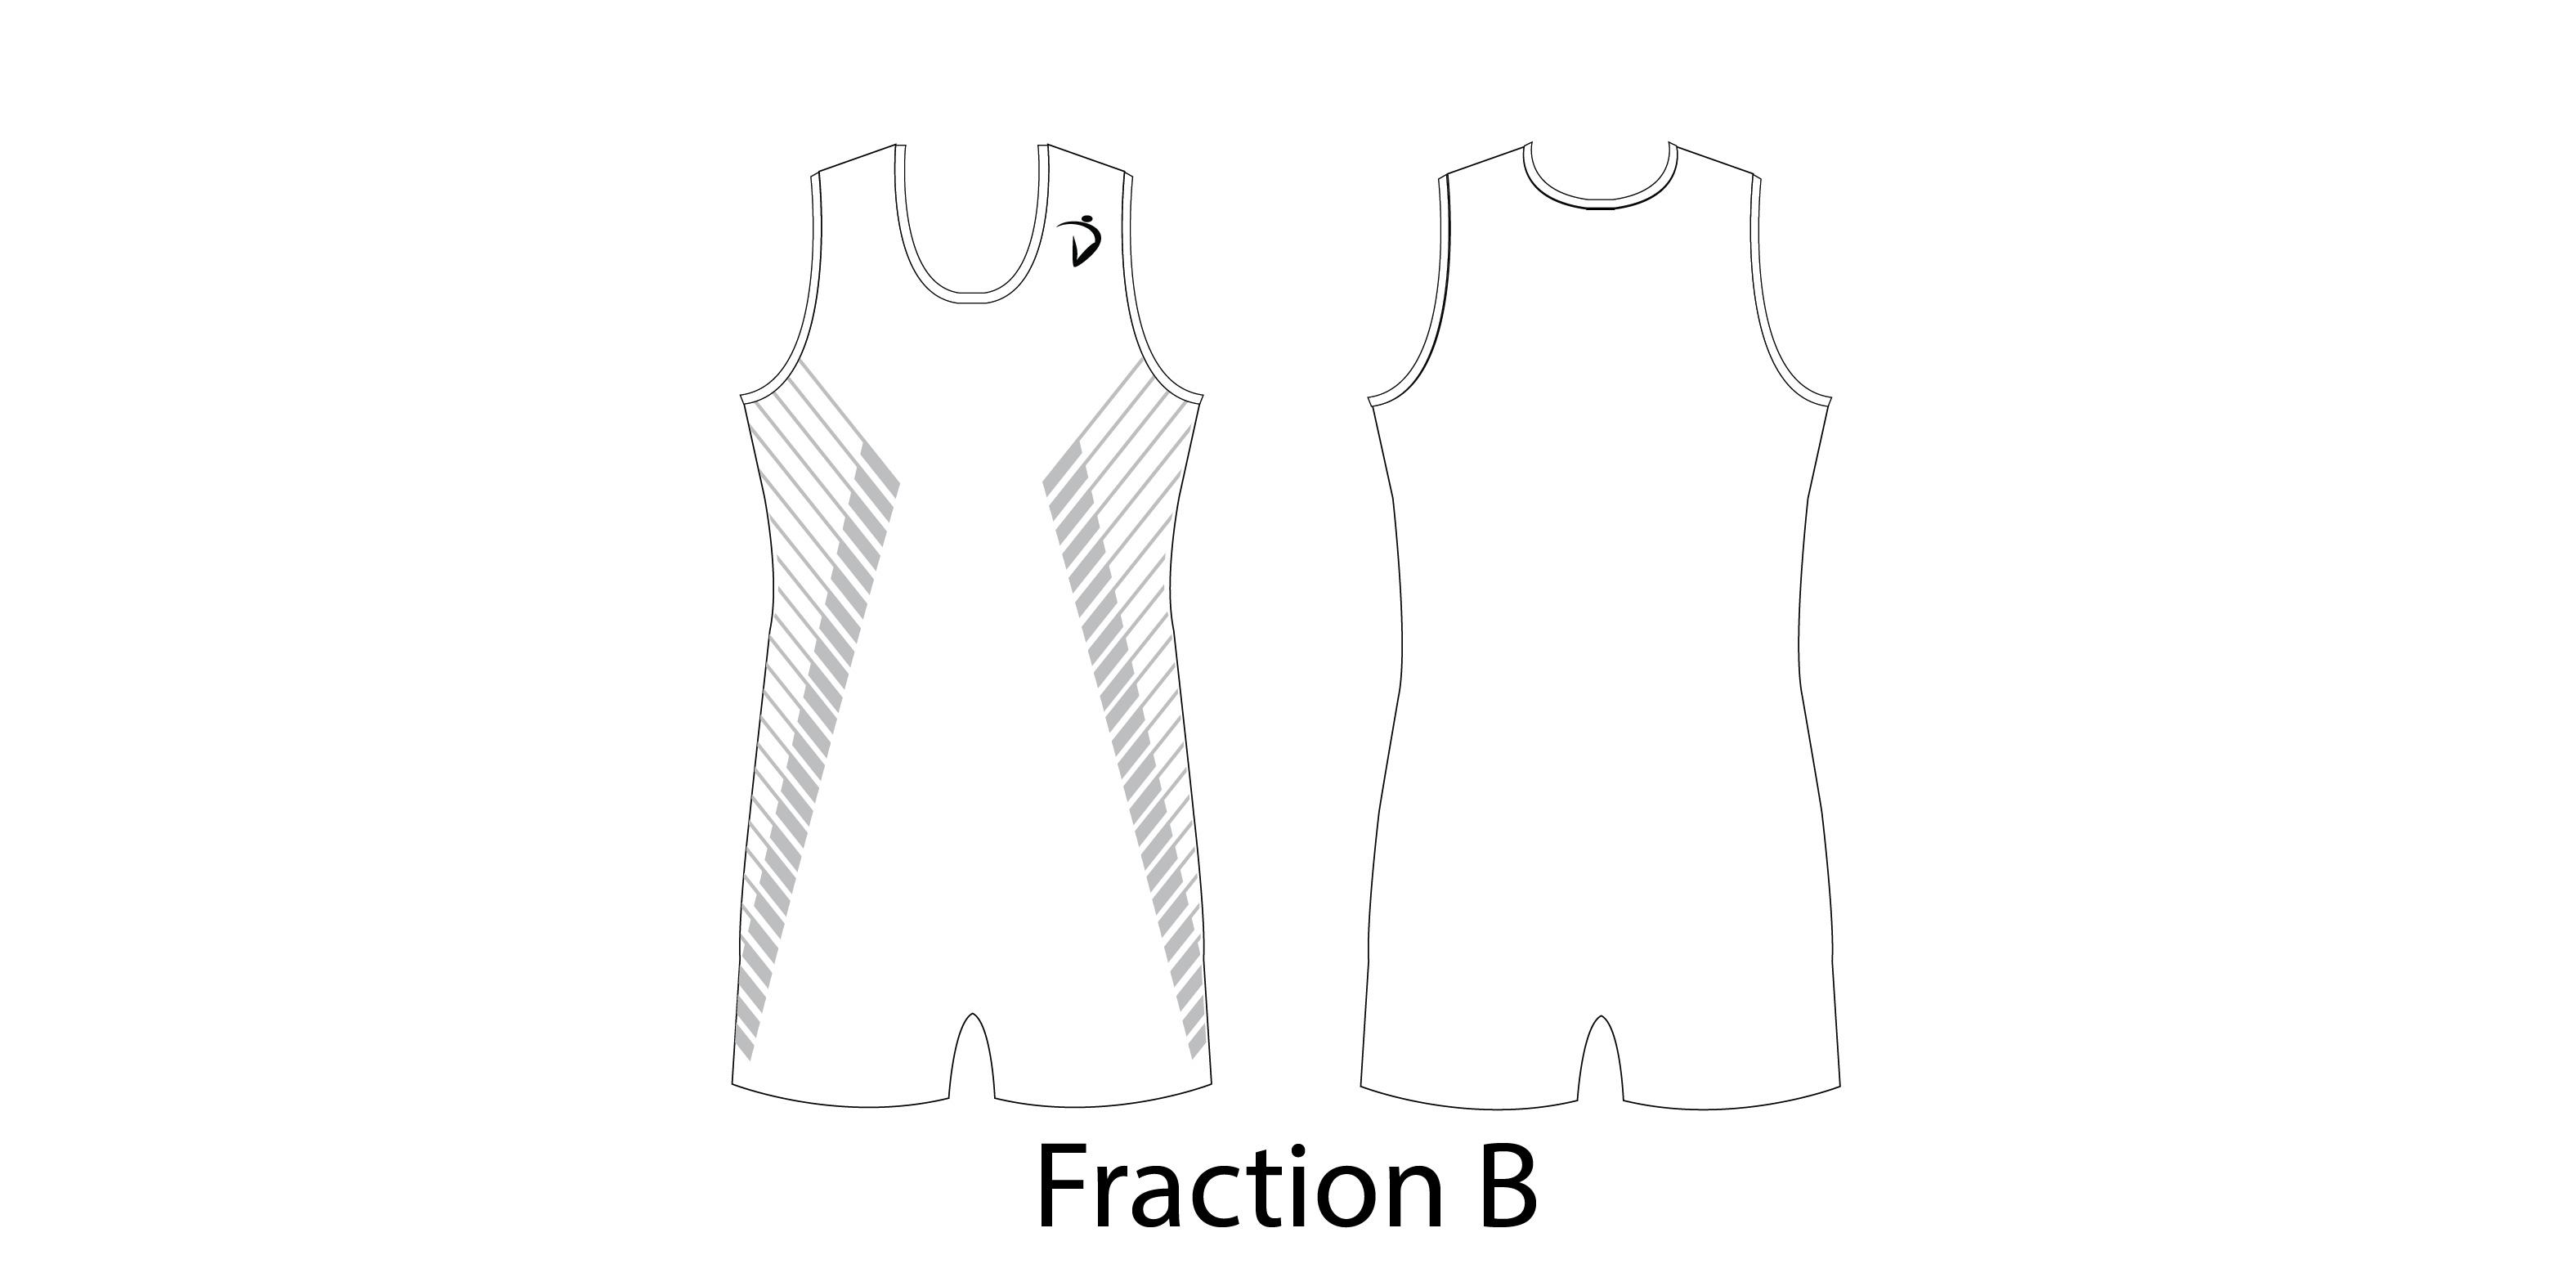 Fraction B